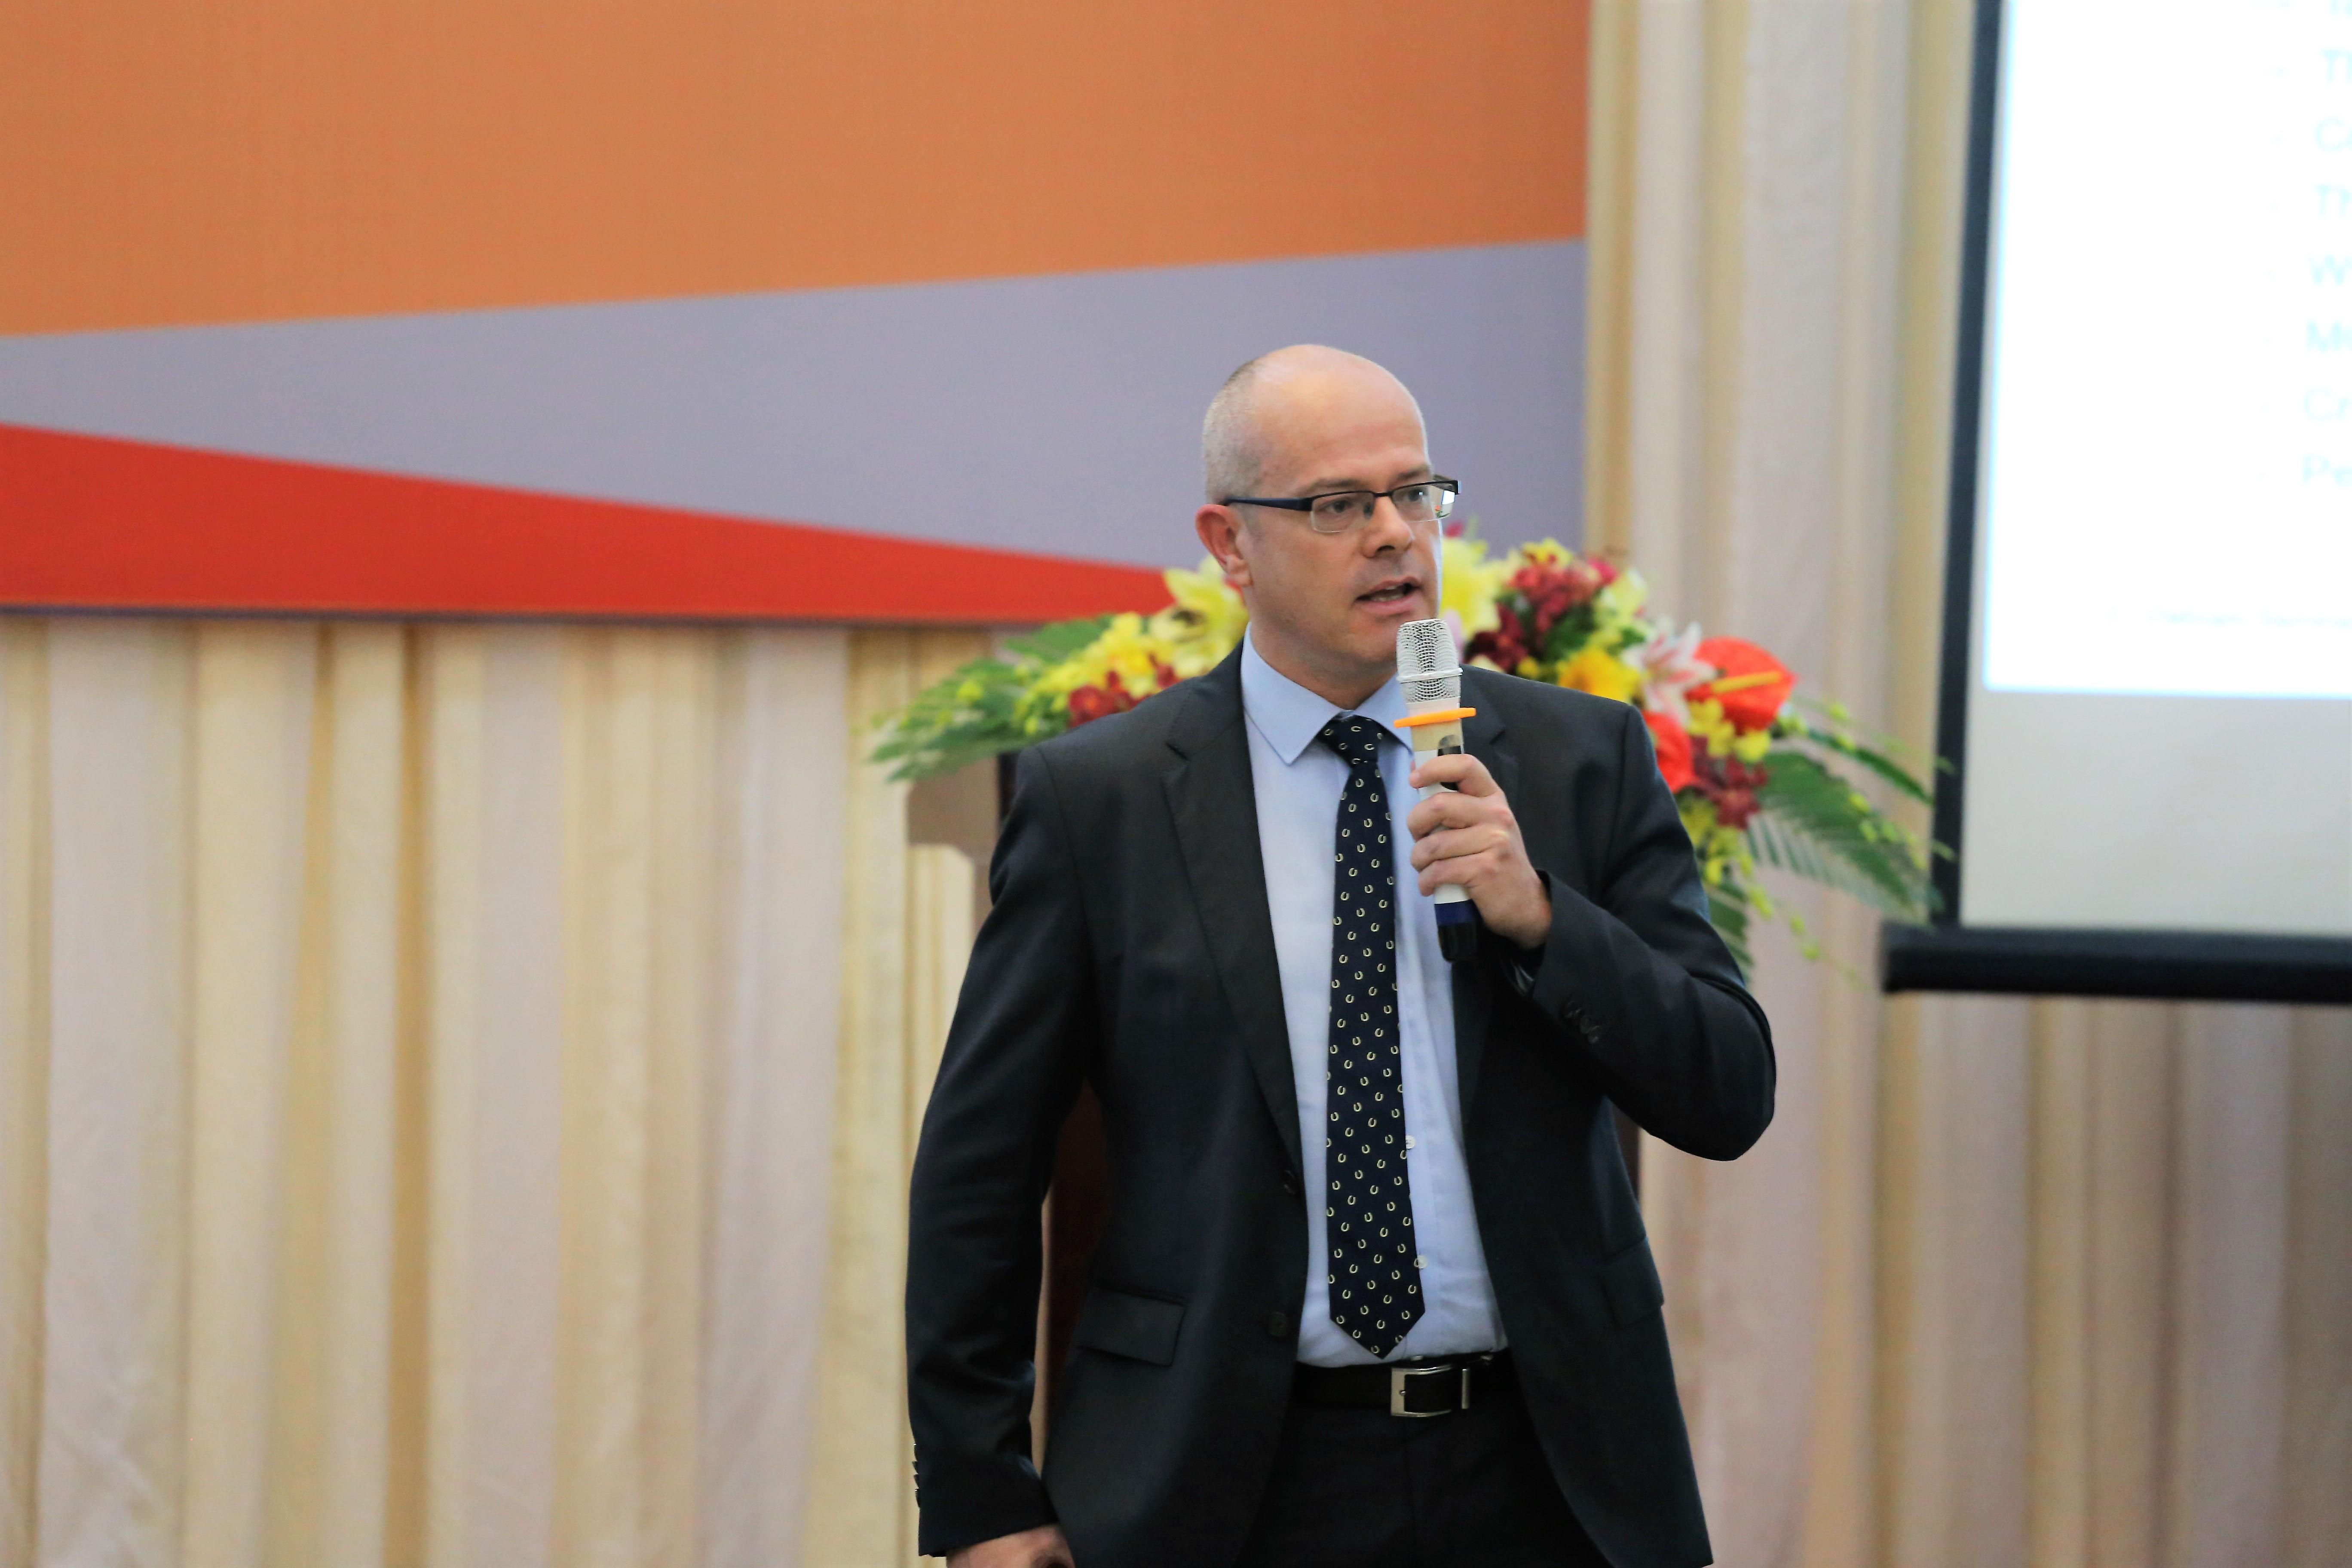 Ông Wayne Robert Pannel - Phó chủ tịch khu vực Nam Á - Tập đoàn Allegion